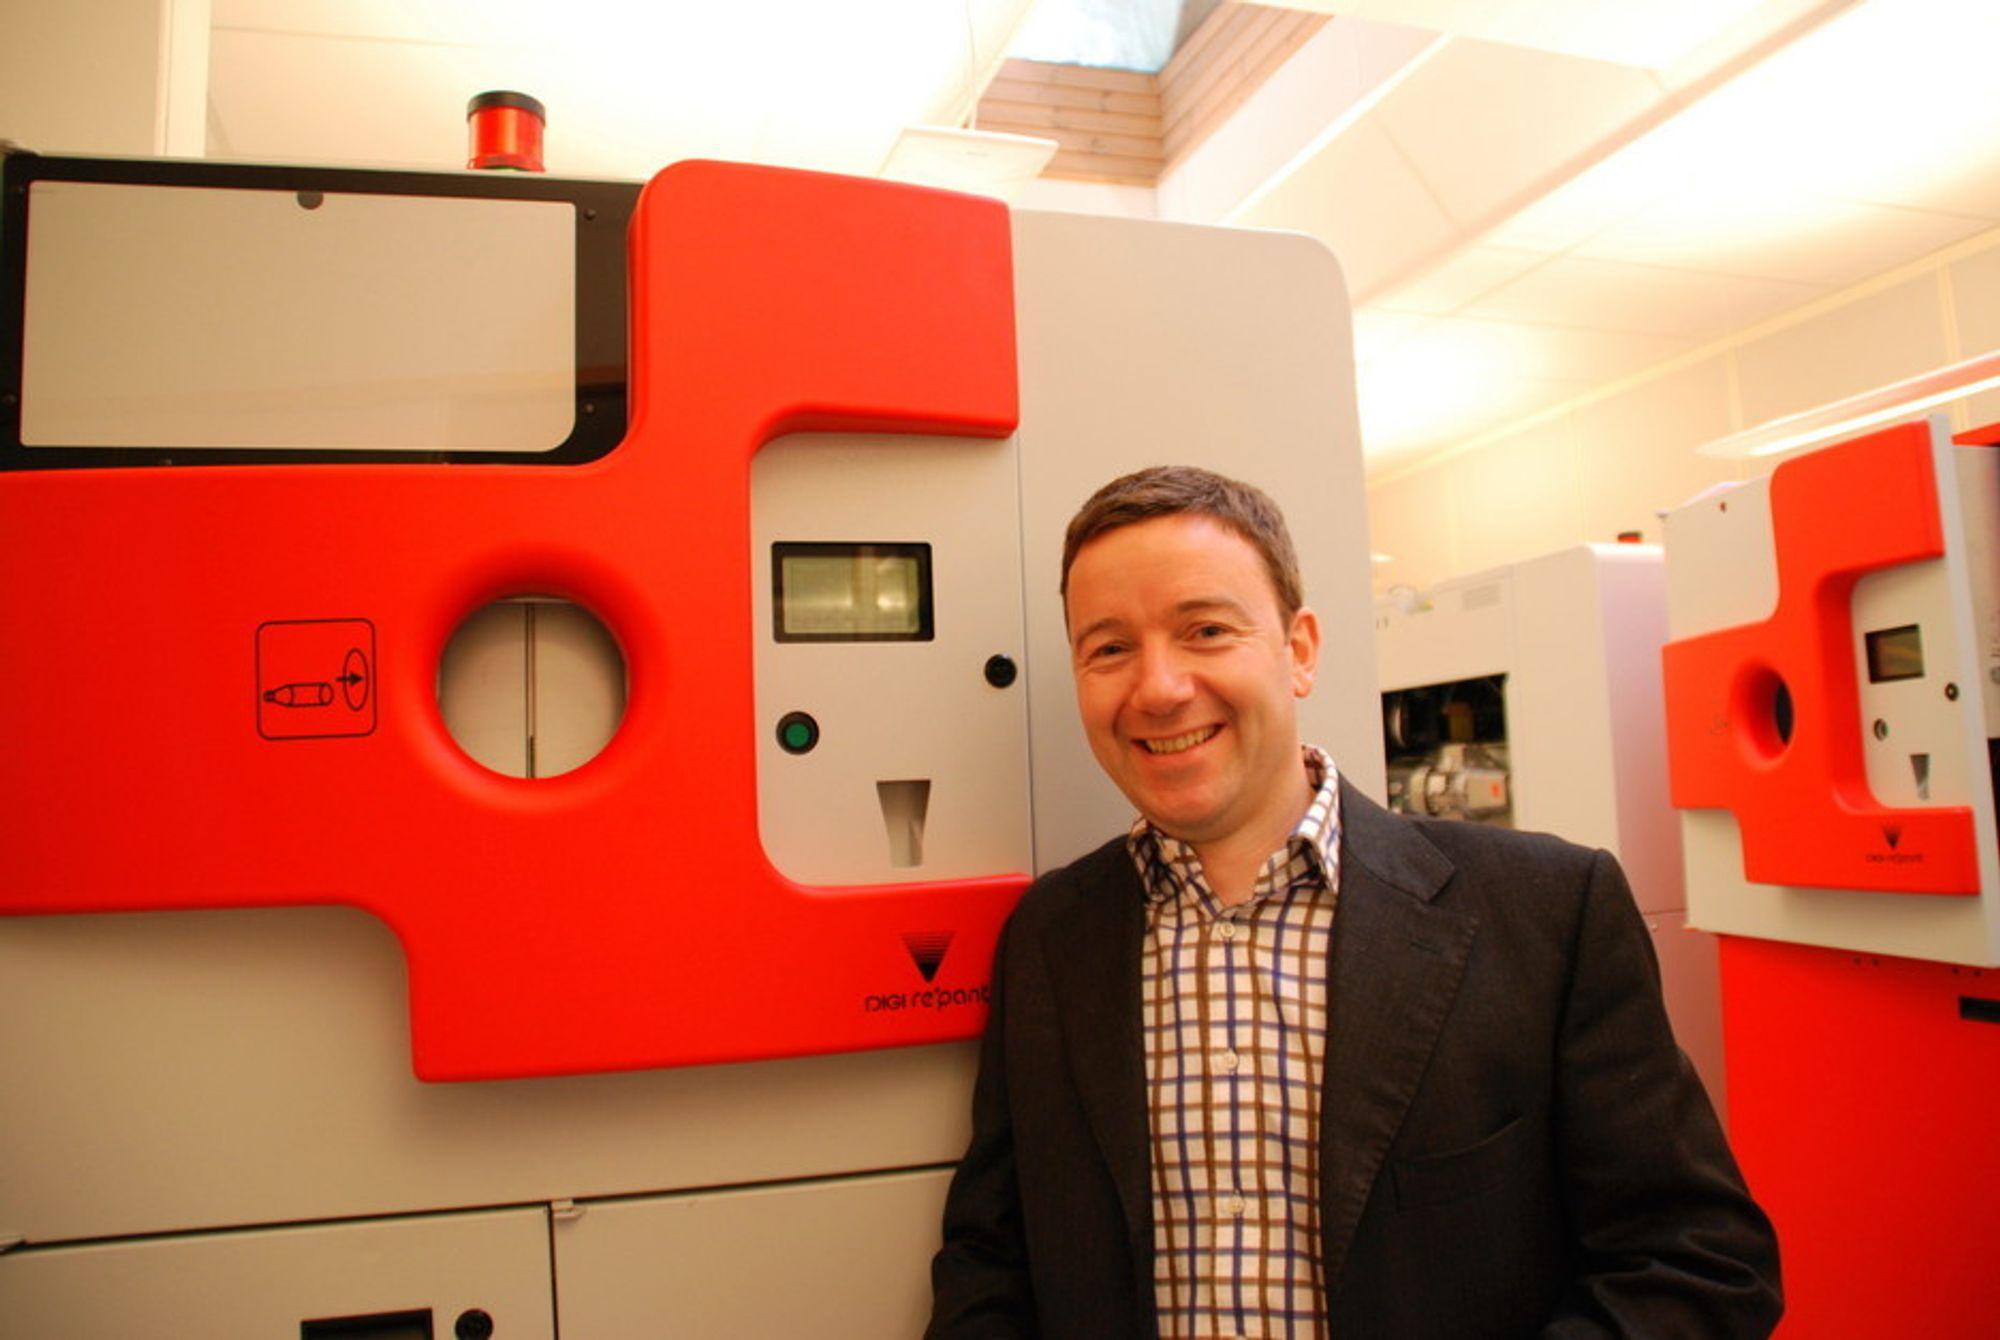 TYSK SUKSESS: Administrerende direktør Christian Andersen i Repant er fornøyd med suksessen i Tyskland.